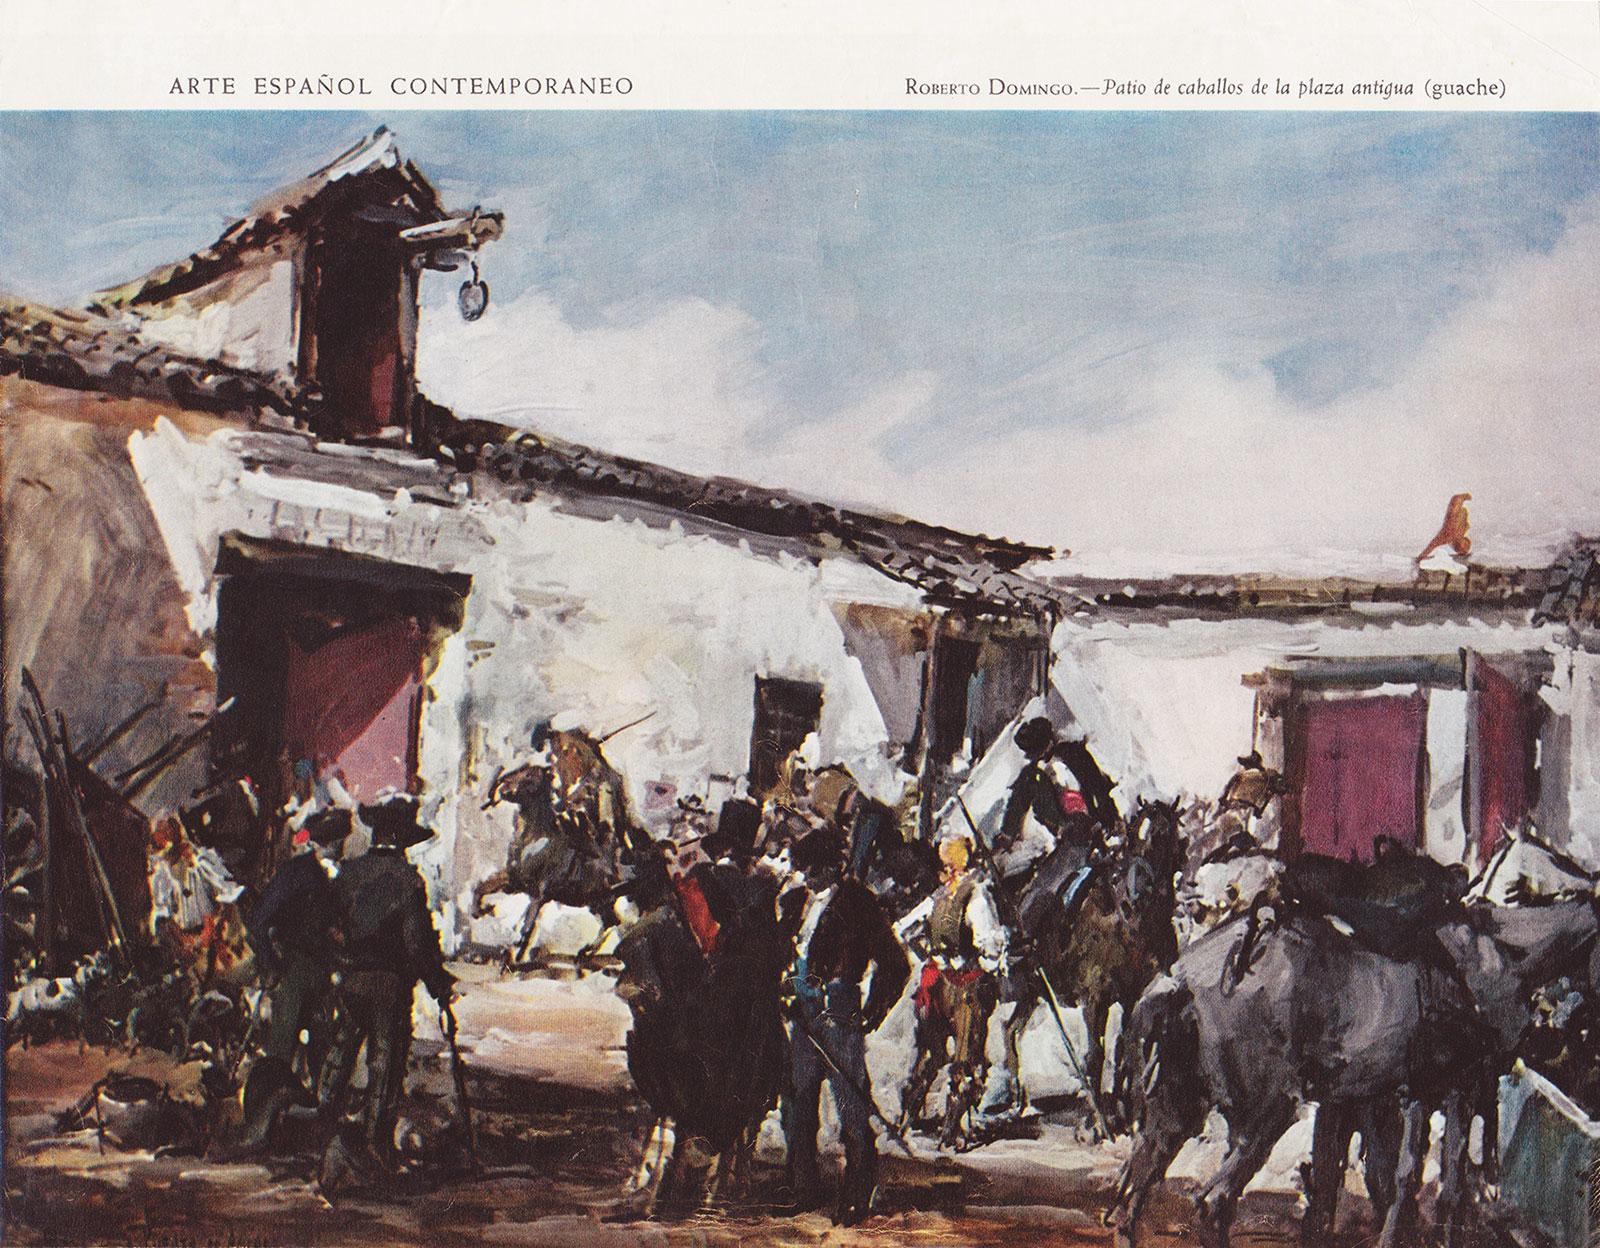 Patio de caballos de la plaza antigua